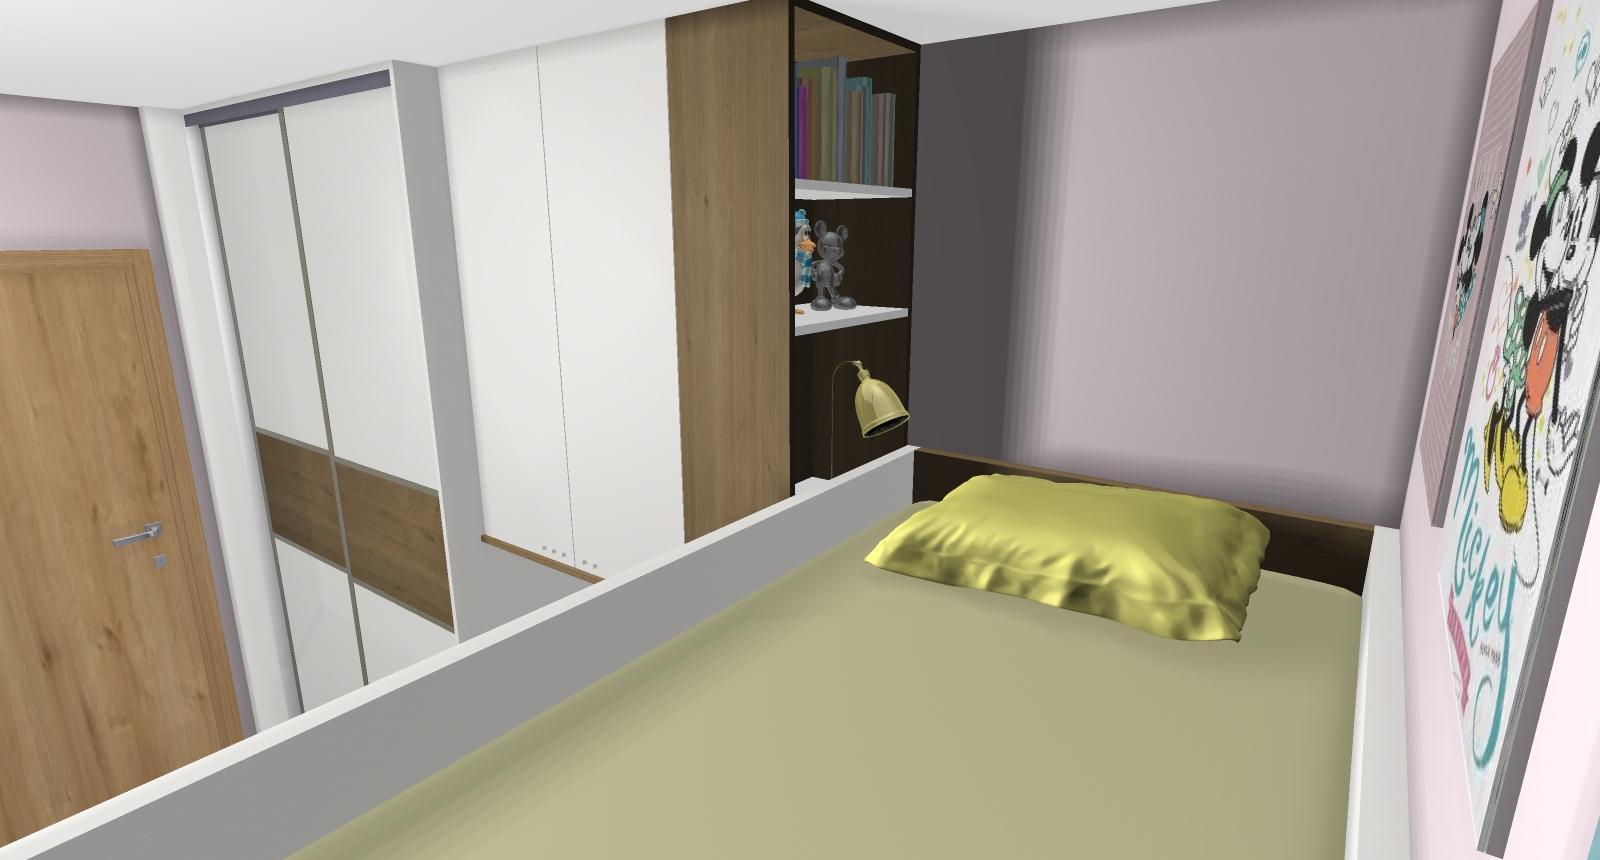 Grafické návrhy interiér 2019 - Grafický návrh detskej izby pre dve dievčatká - verzia 2 - obr.5